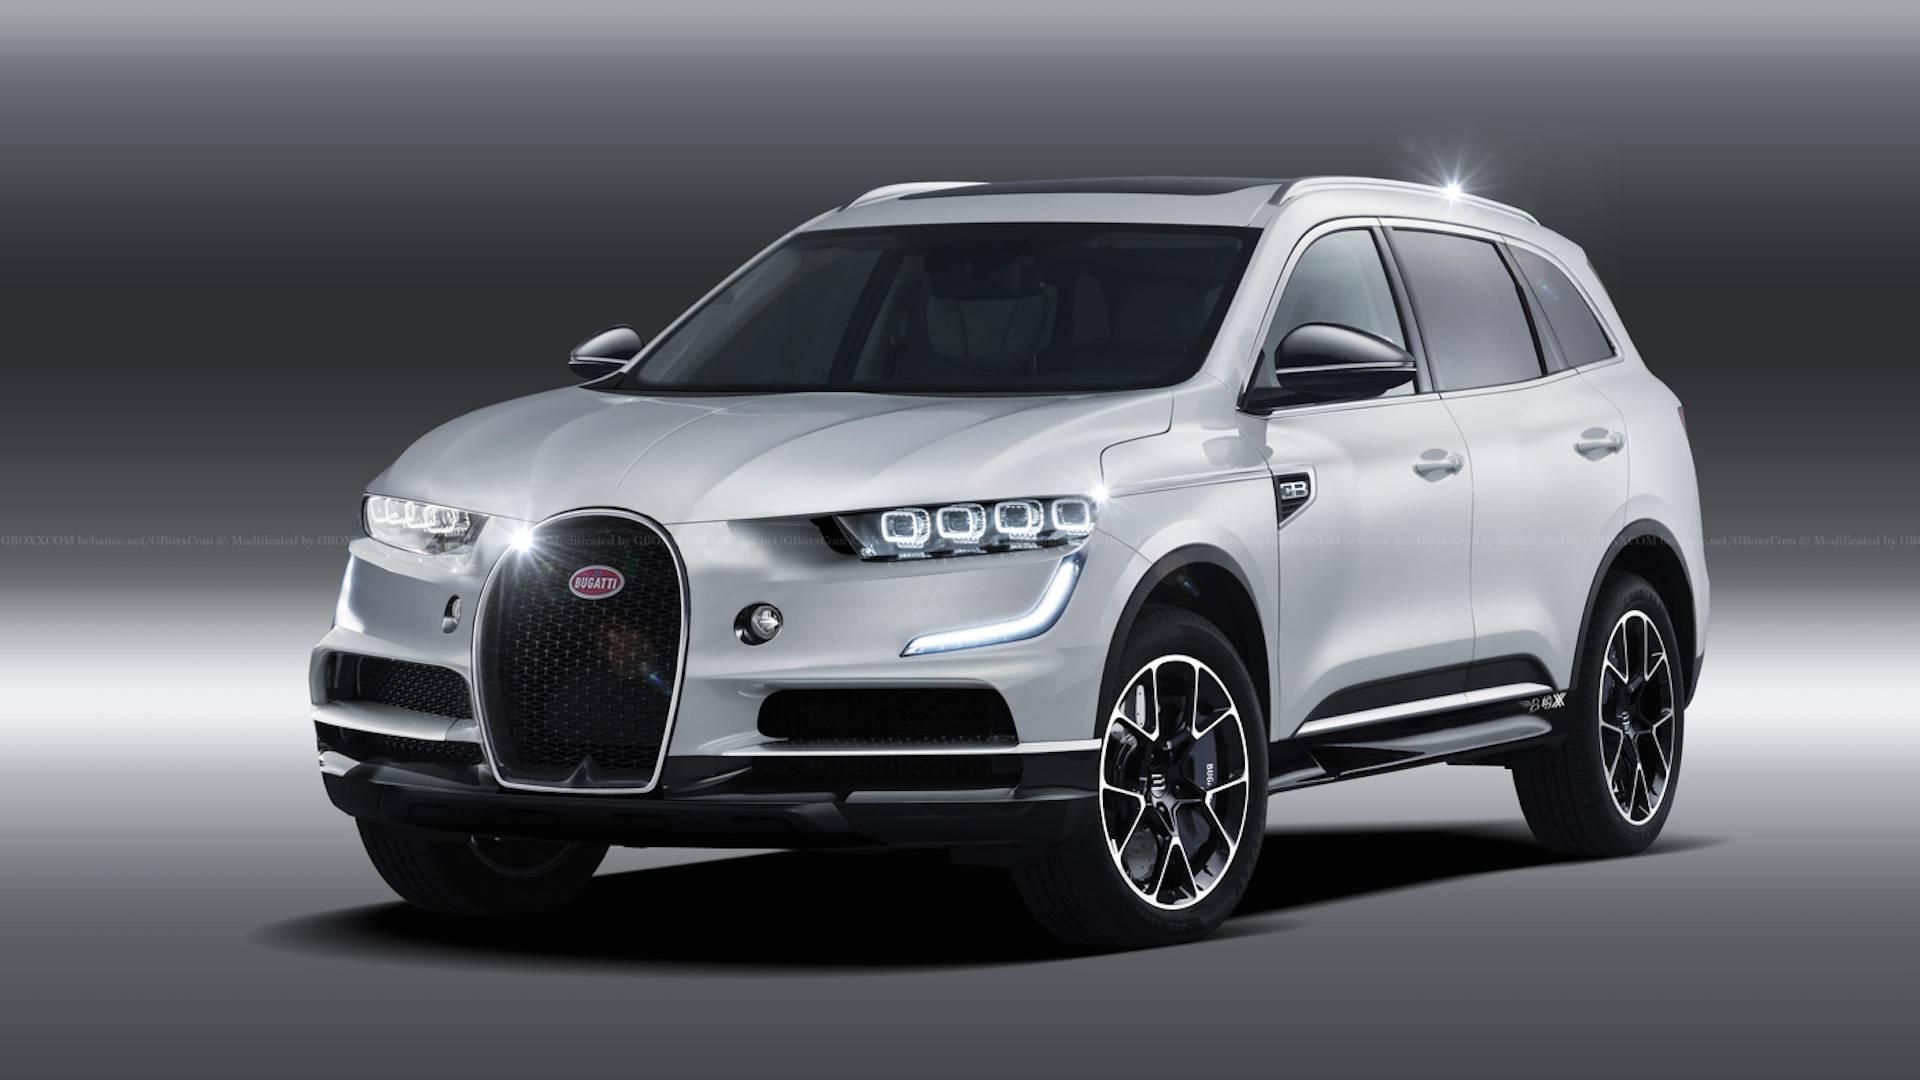 Suv >> Bugatti Suv Rendering Previews The Inevitable